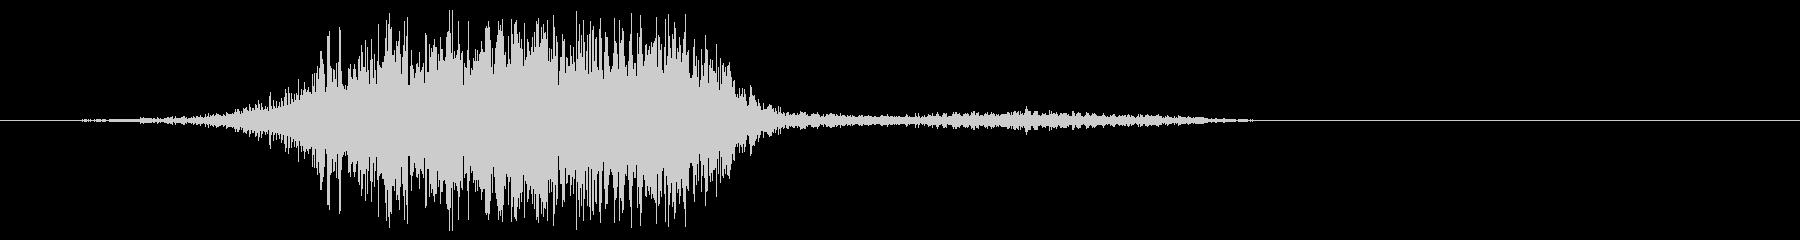 ヒューシュによるヘビーレーザーリップの未再生の波形